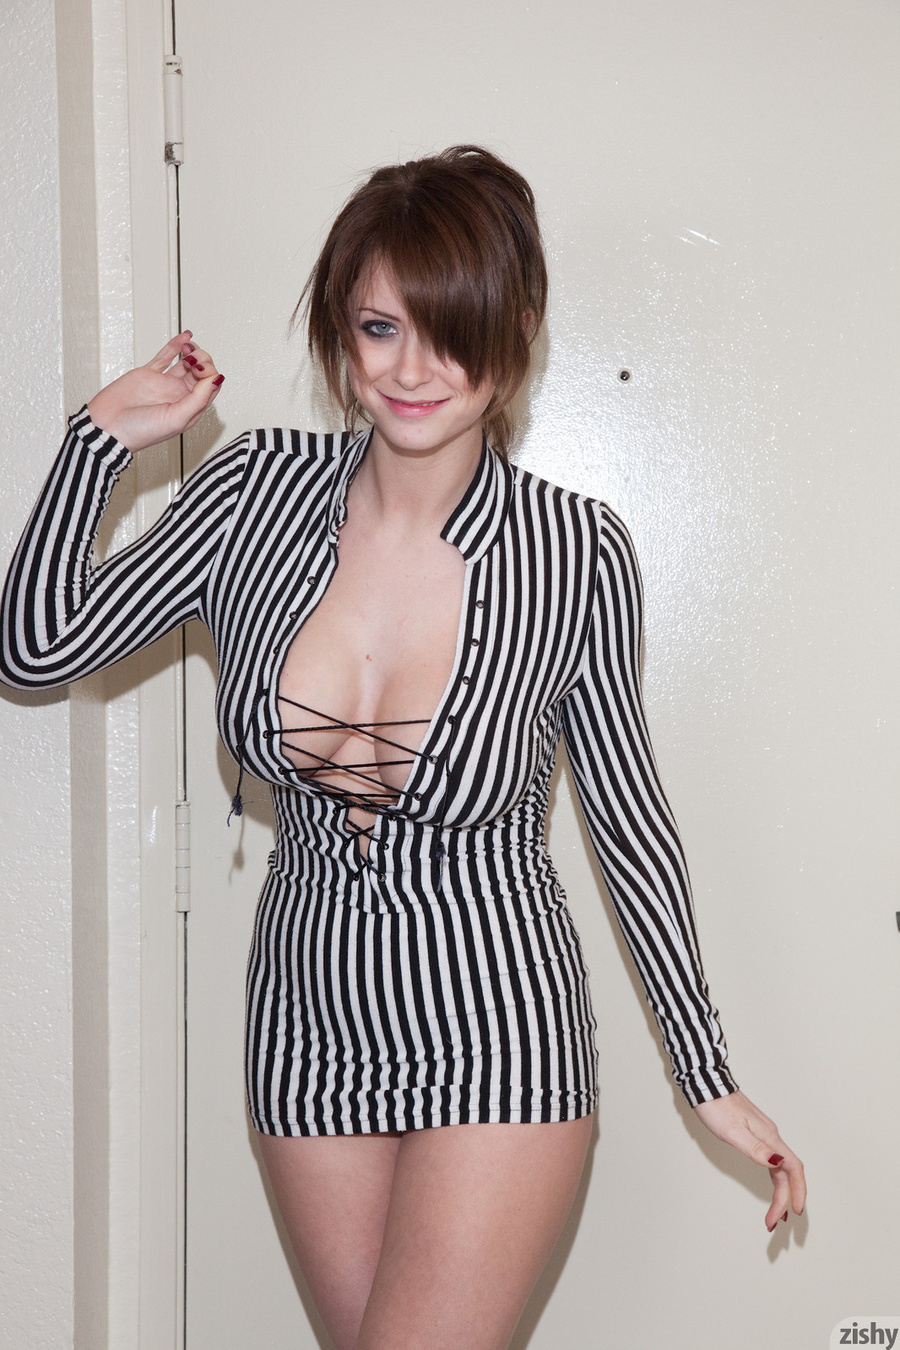 Pornstar Emily Addison Cum Tube-pic5948